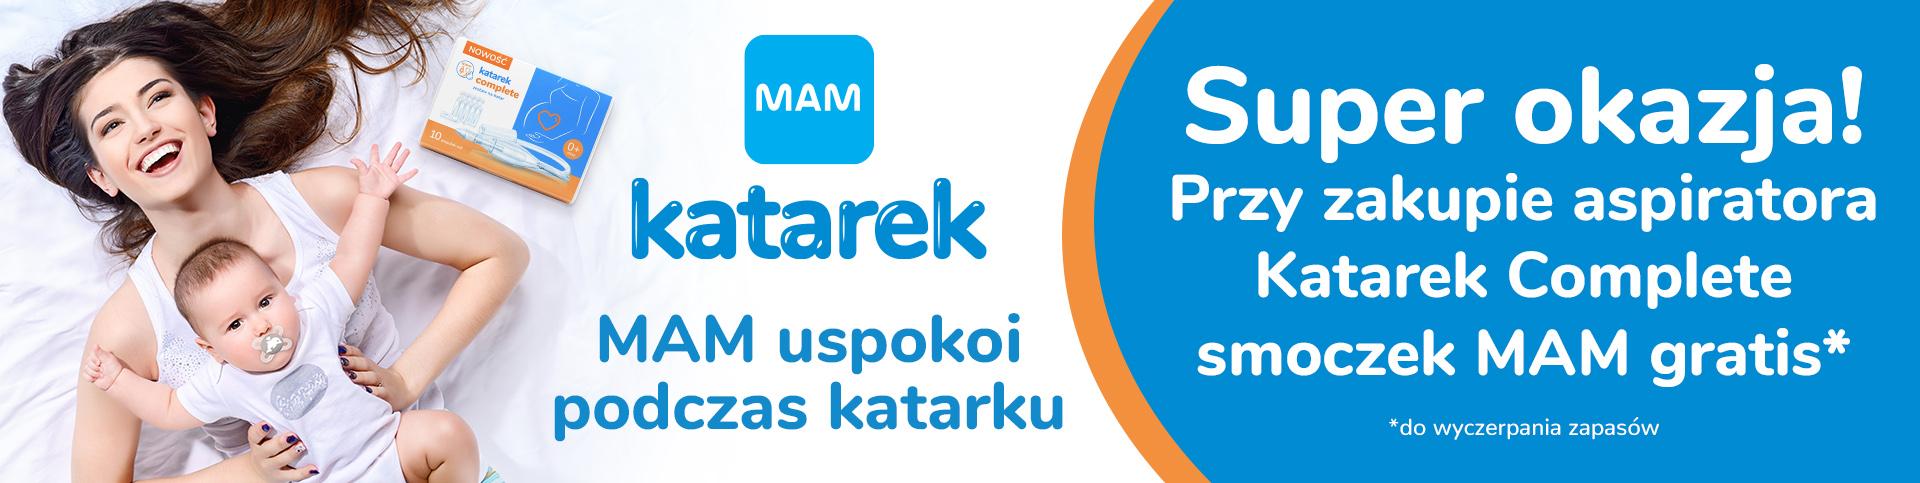 Kup Katarek Complete i otrzymaj smoczek MAM gratis.